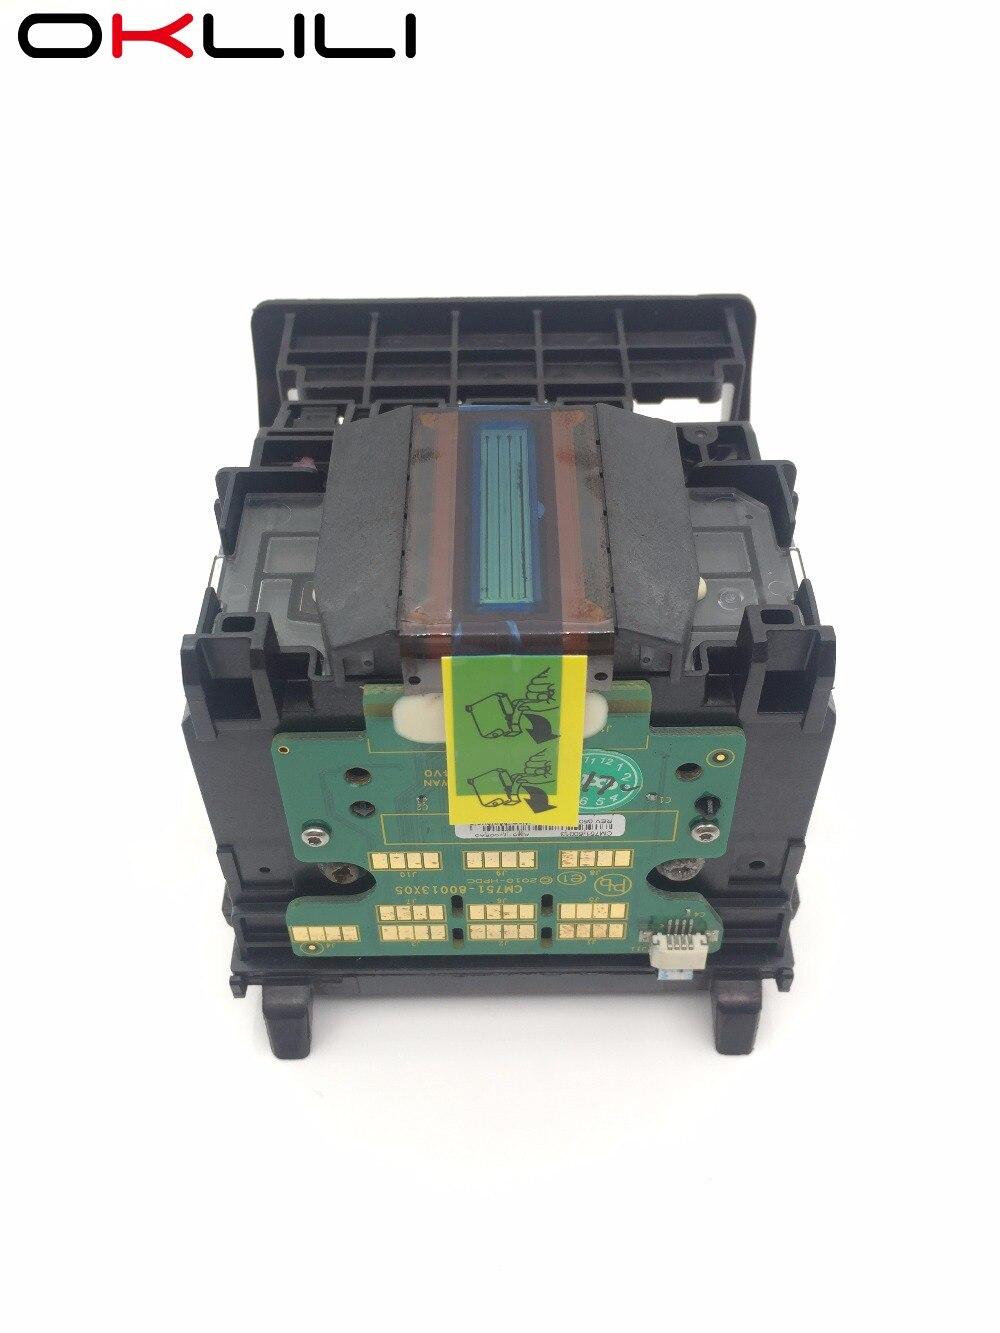 CM751-80013A 950 951 950XL 951XL cabeça de Impressão Da Cabeça De Impressão para HP Pro 8100 8600 Mais 8610 8620 8625 8630 8700 Pro 251DW 251 276 276DW